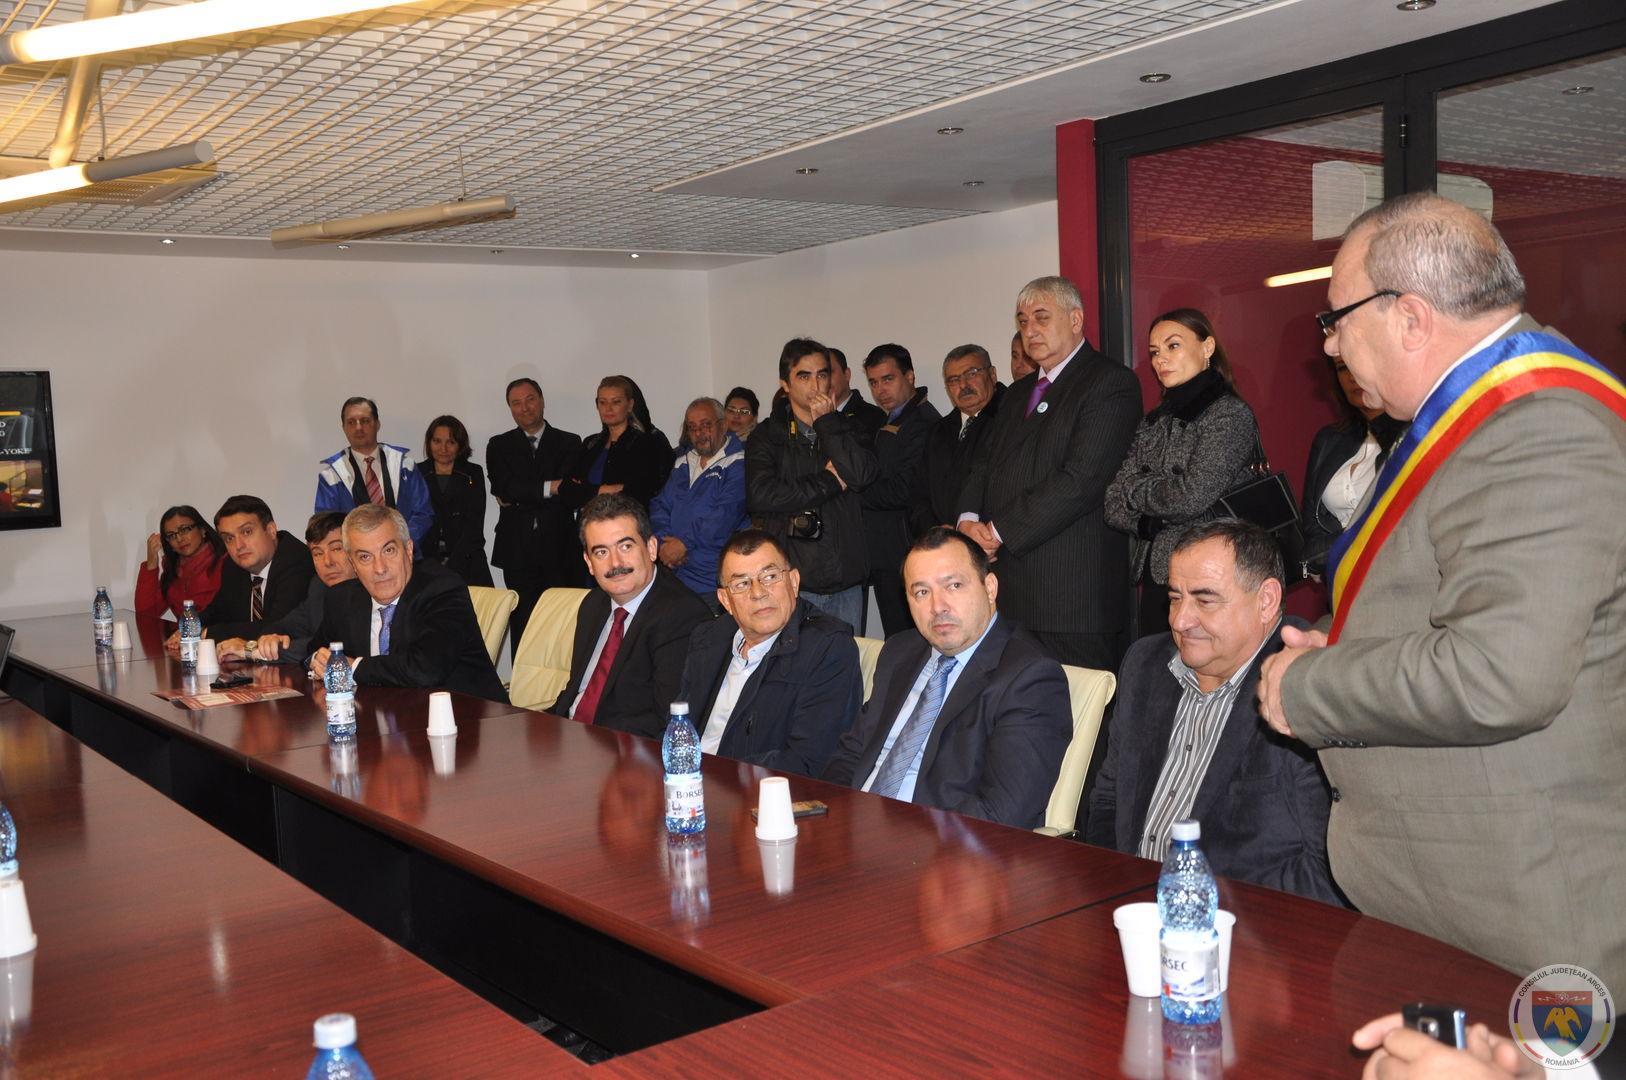 Vizita Calin Popescu Tariceanu 11.11.2014 (5).JPG